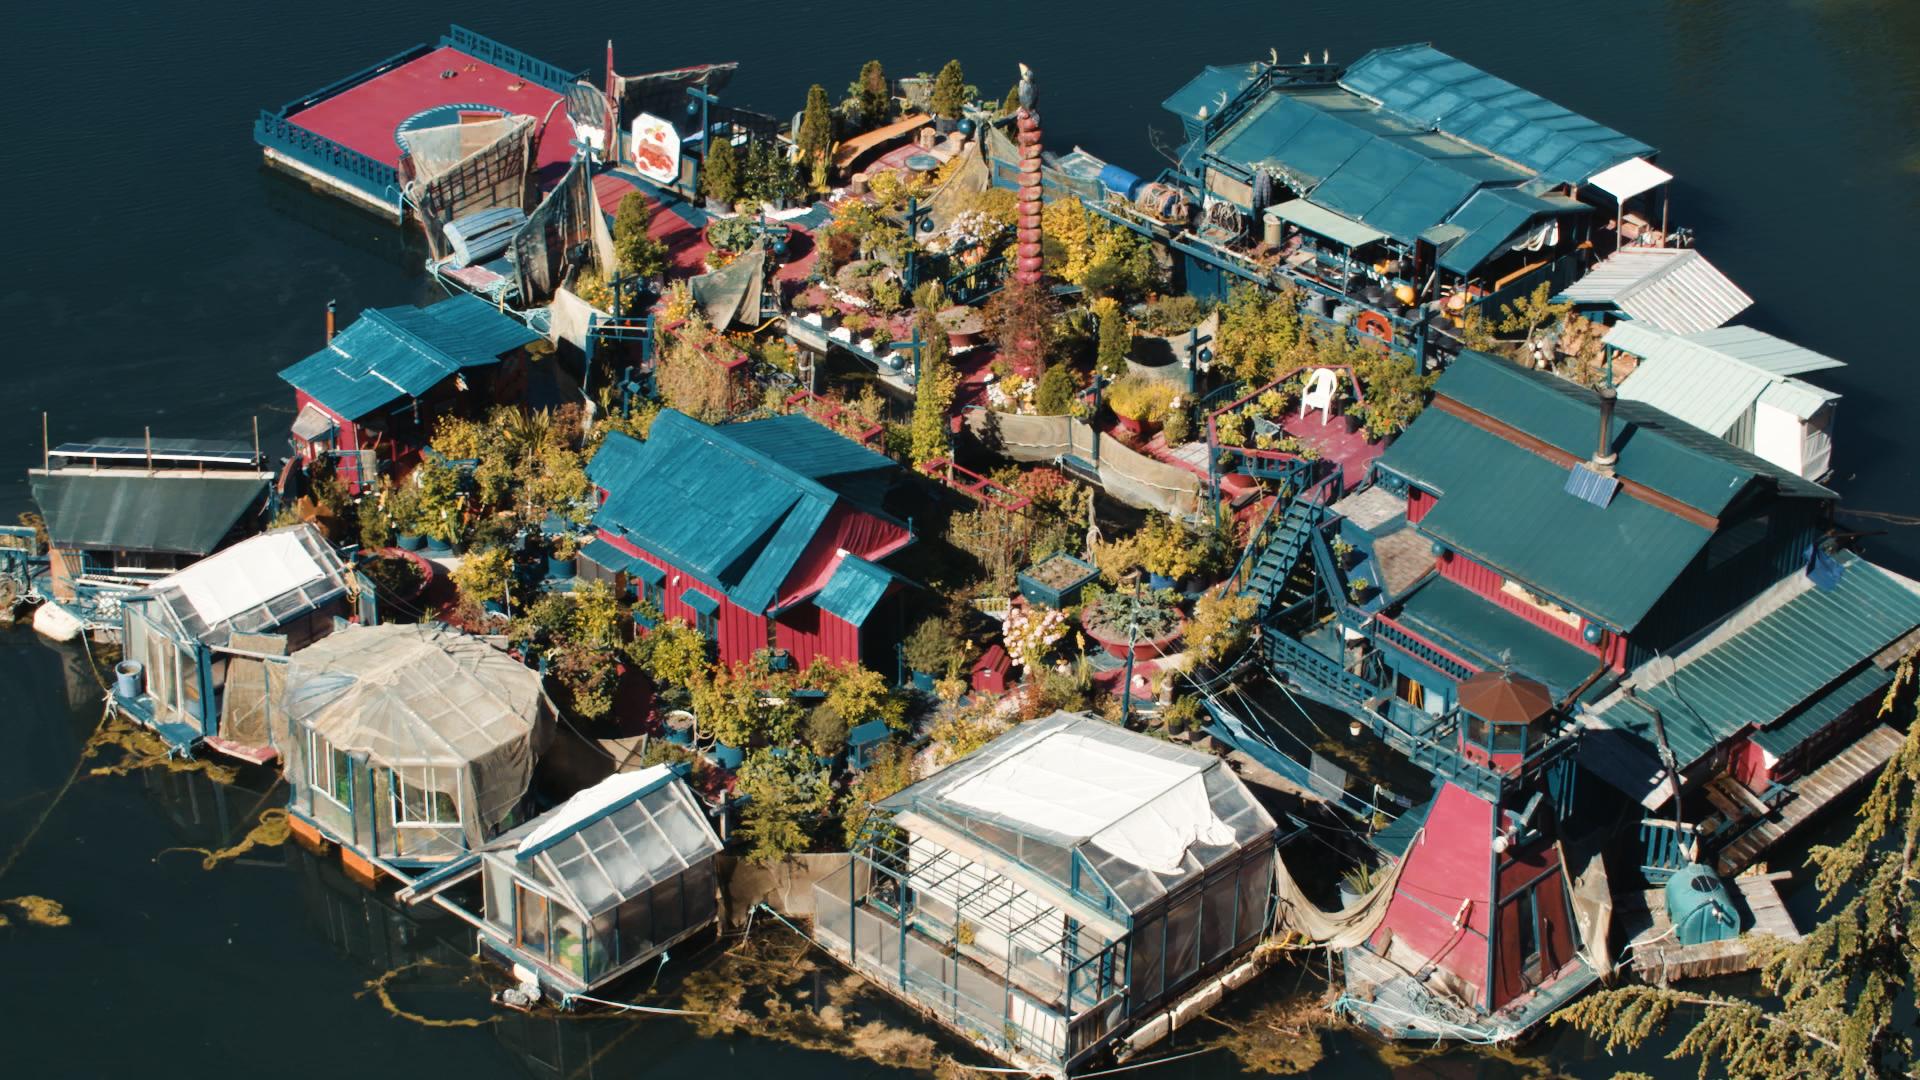 Ilha foi construída usando apenas materiais reciclados e recuperados